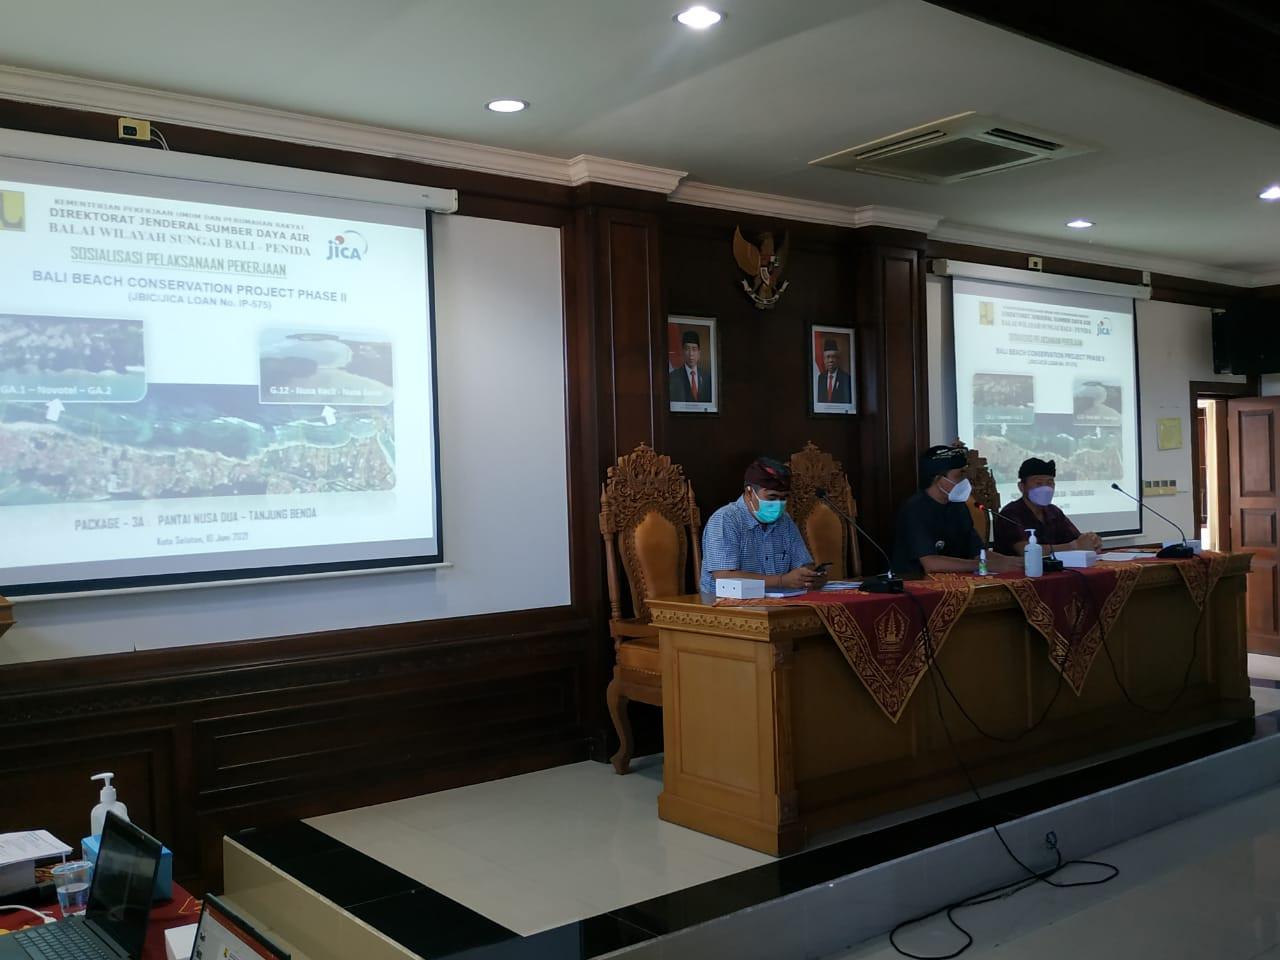 Kegiatan Sosialisasi Awal Rencana Konservasi Pantai Nusa Dua dan Tanjung Benoa.